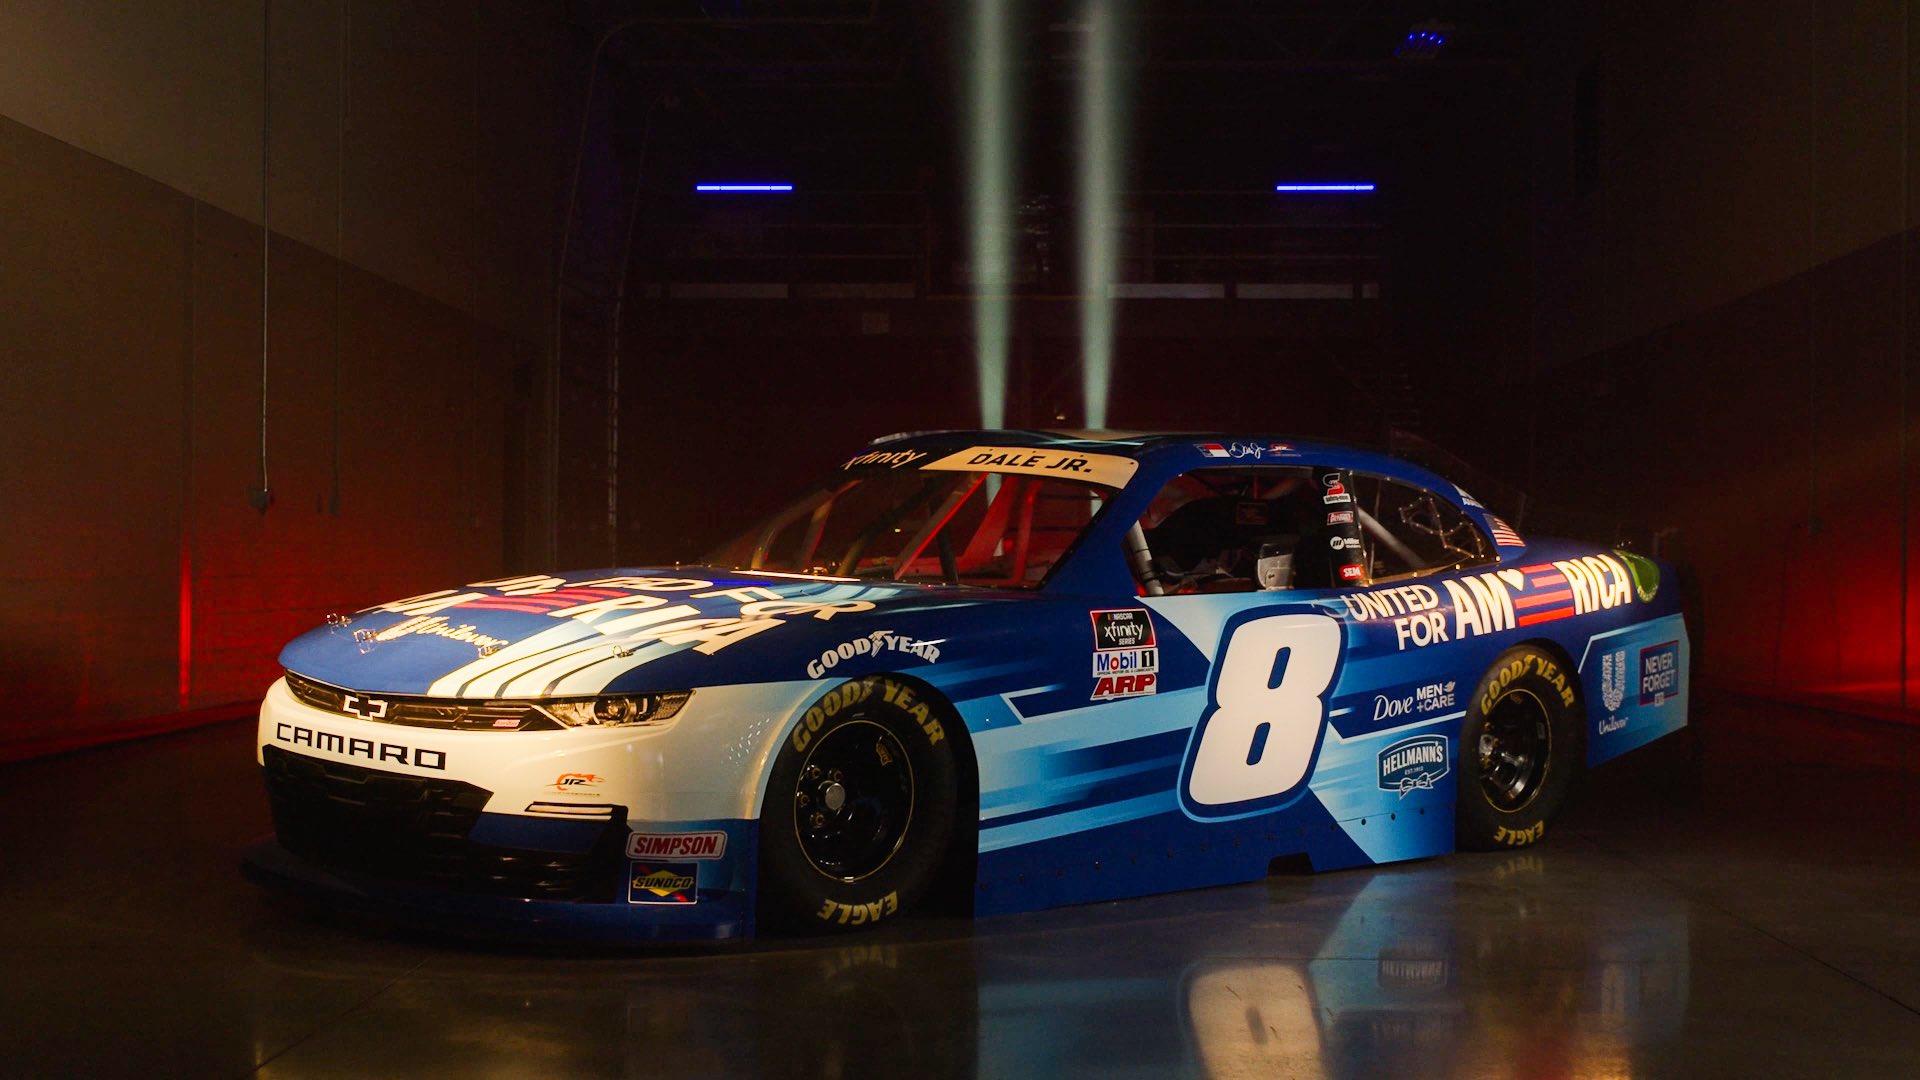 Dale Earnhardt Jr - 2021 Richmond Raceway - United for America paint scheme